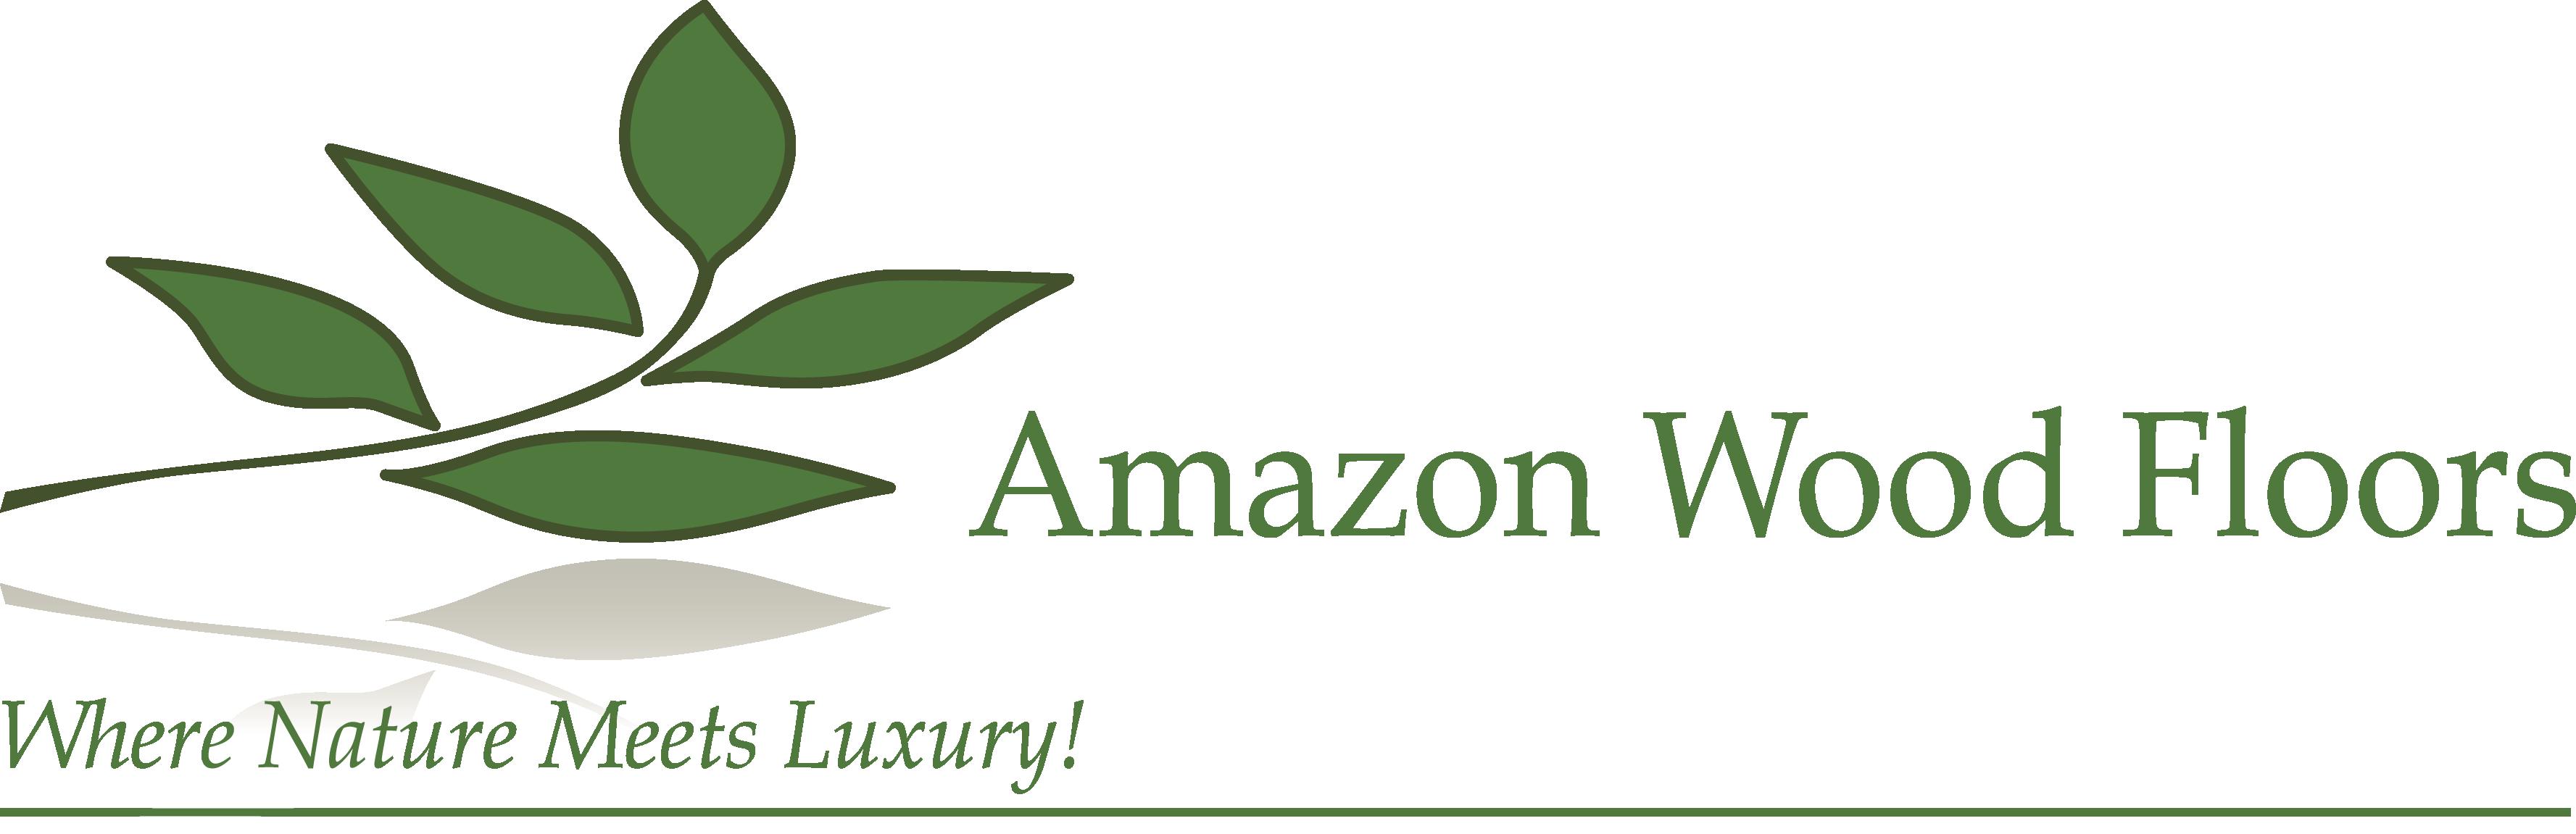 Amazon Wood Floors Amazonwoodfloor Twitter